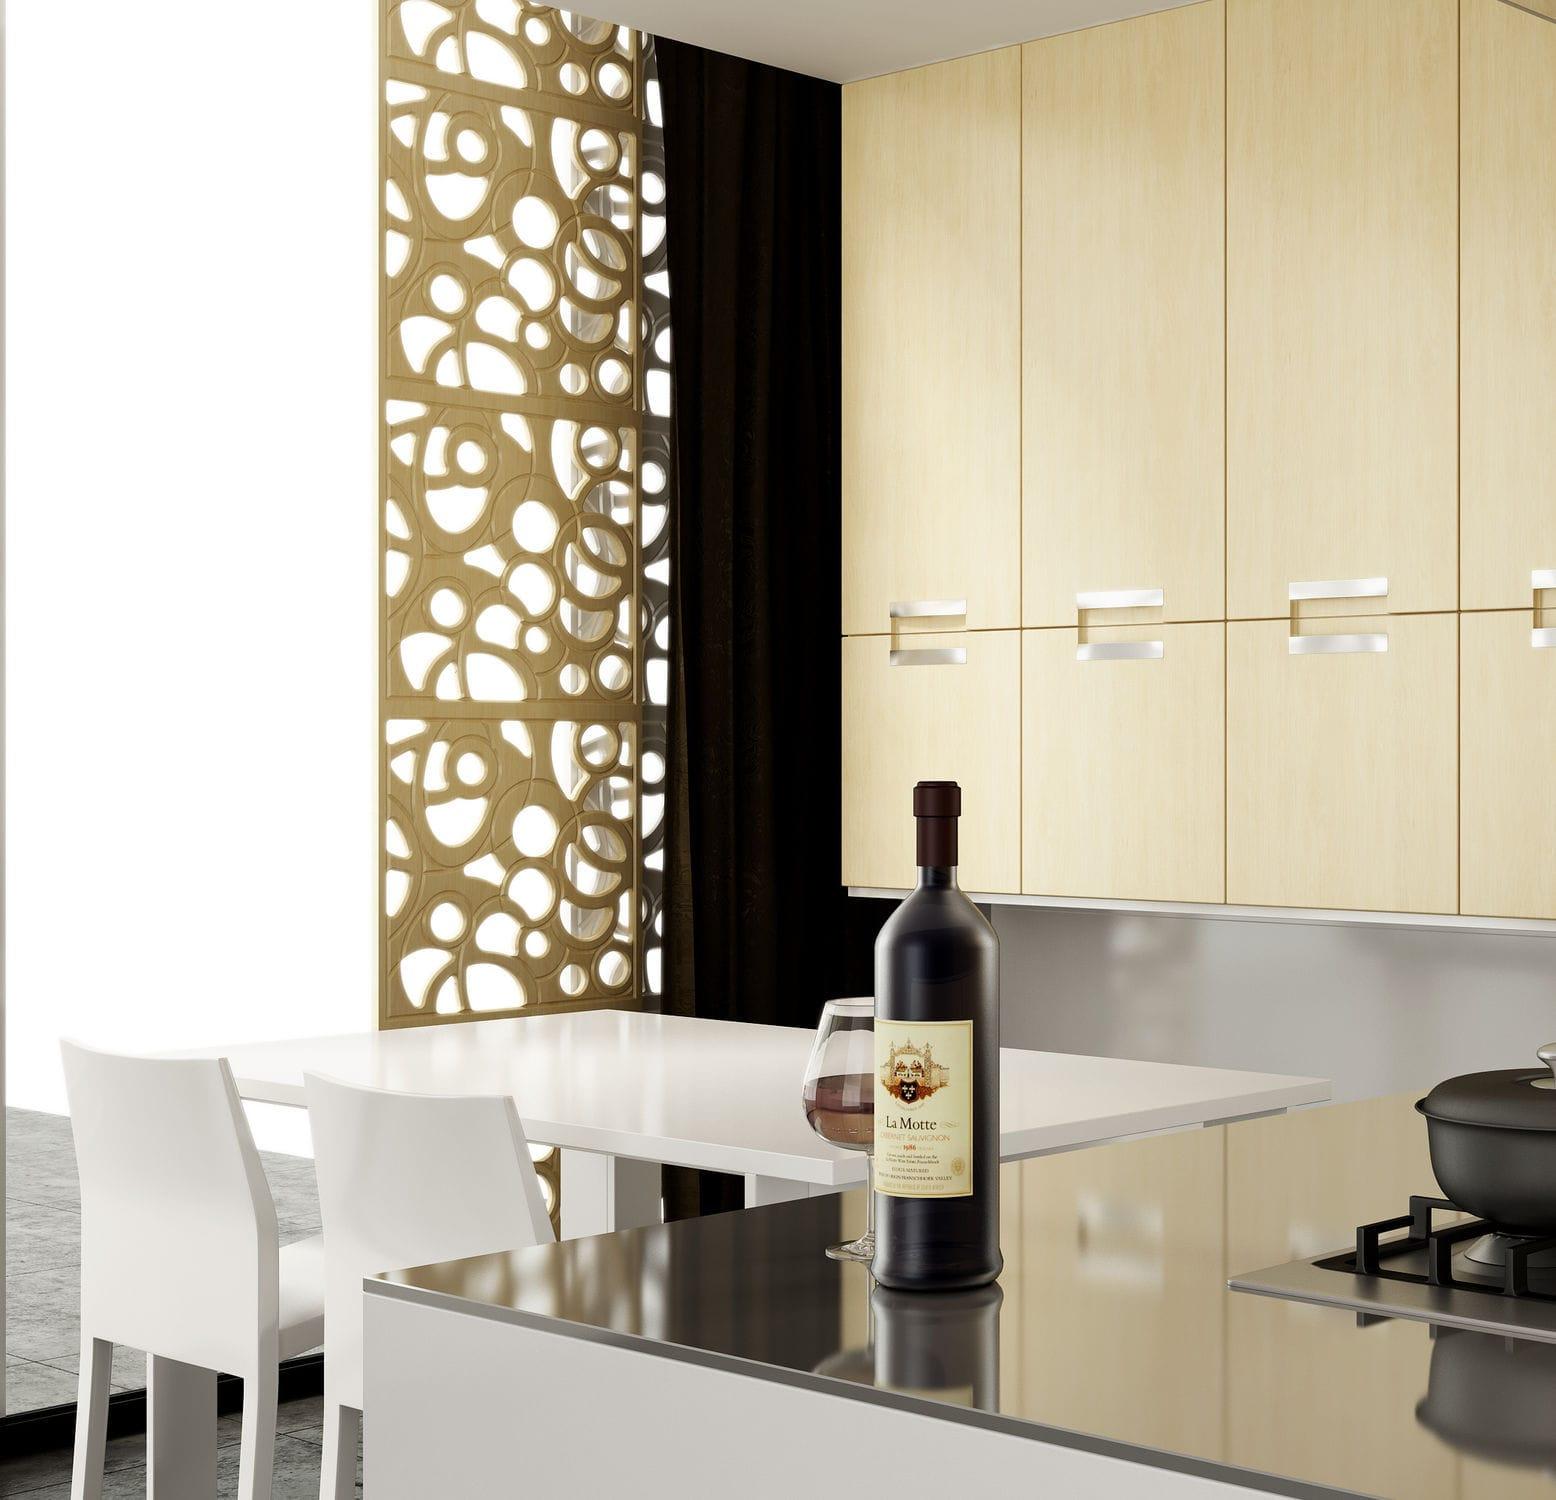 Pannello decorativo per arredamento di interni / mdf / in laminato ...